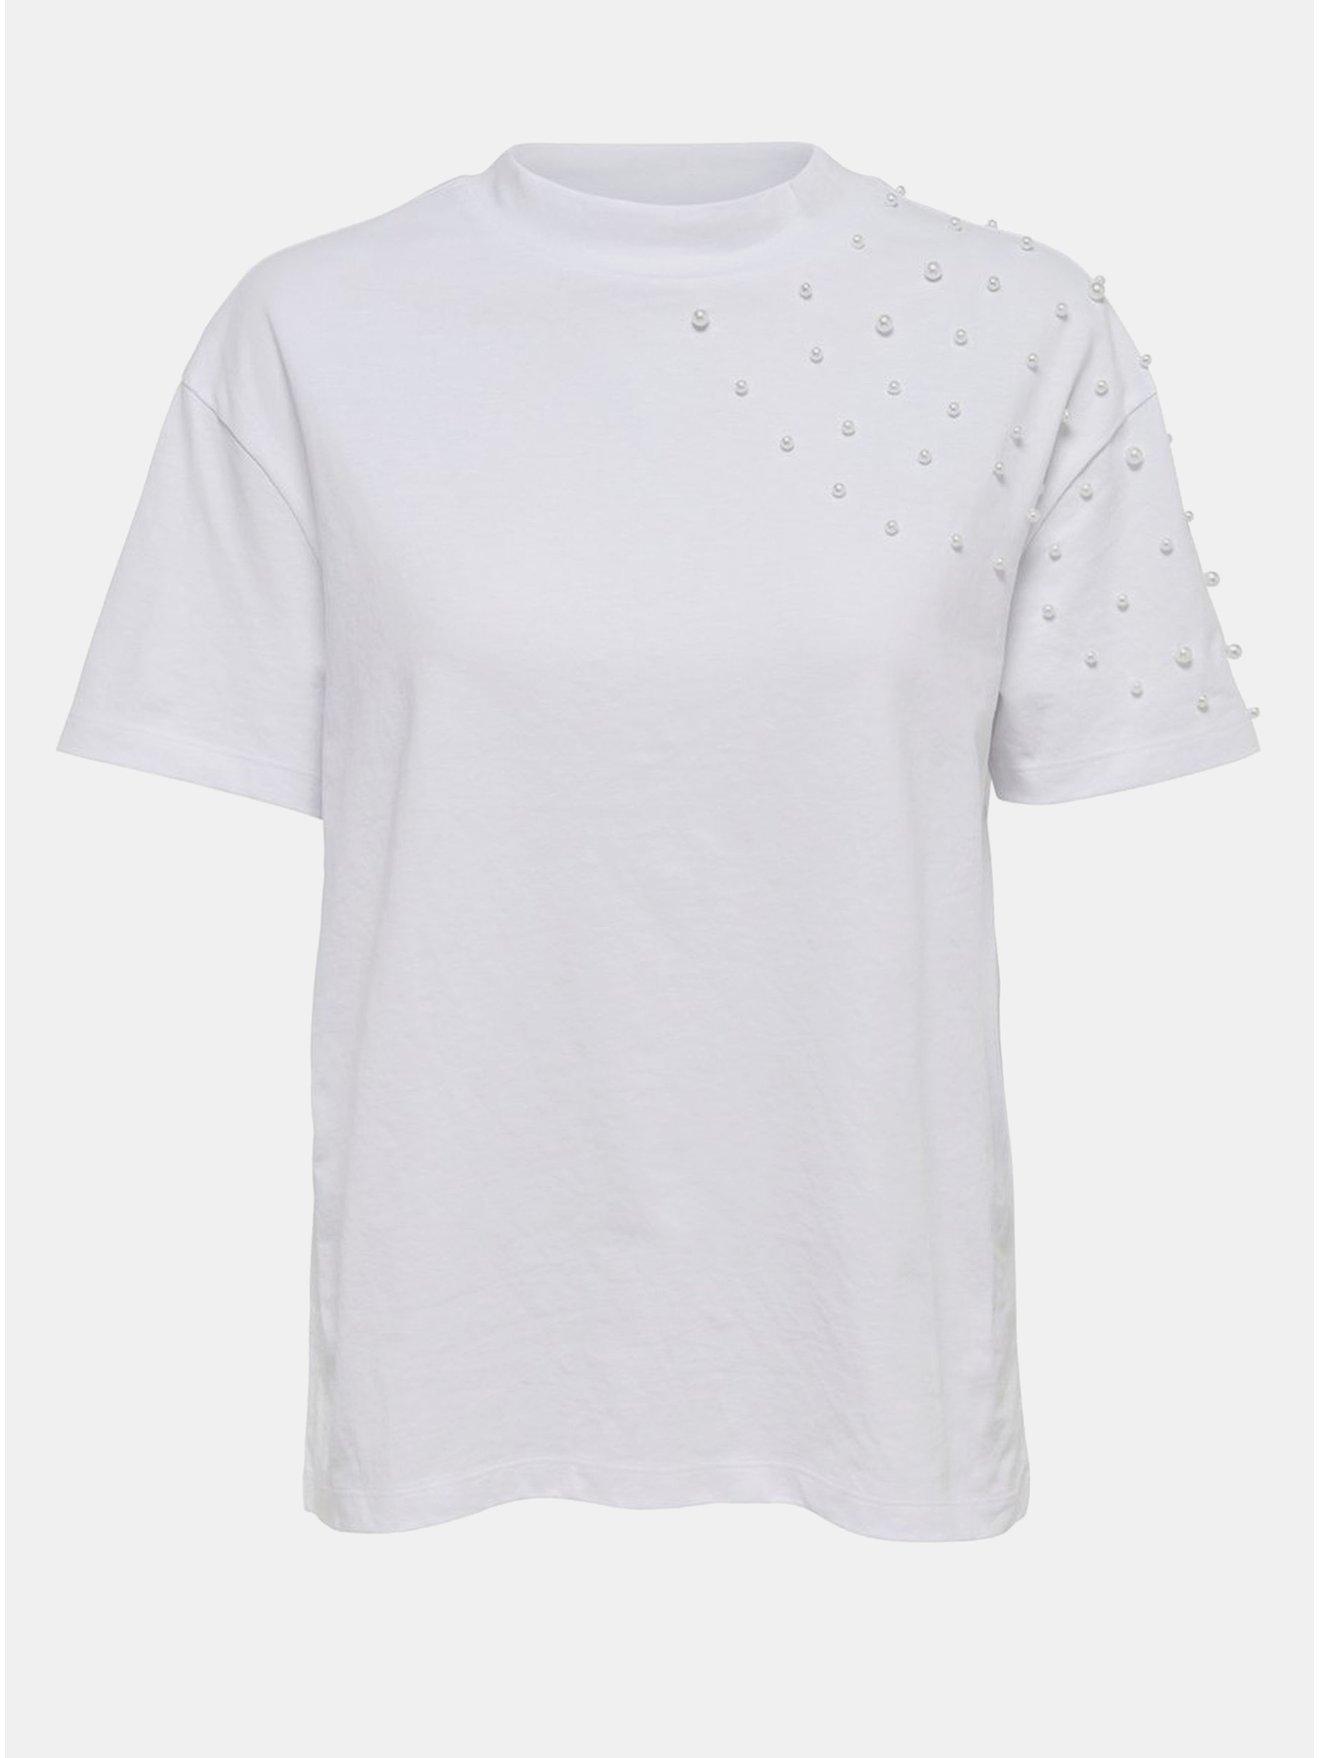 Bílé tričko s korálkovou aplikací Jacqueline de Yong Bugs